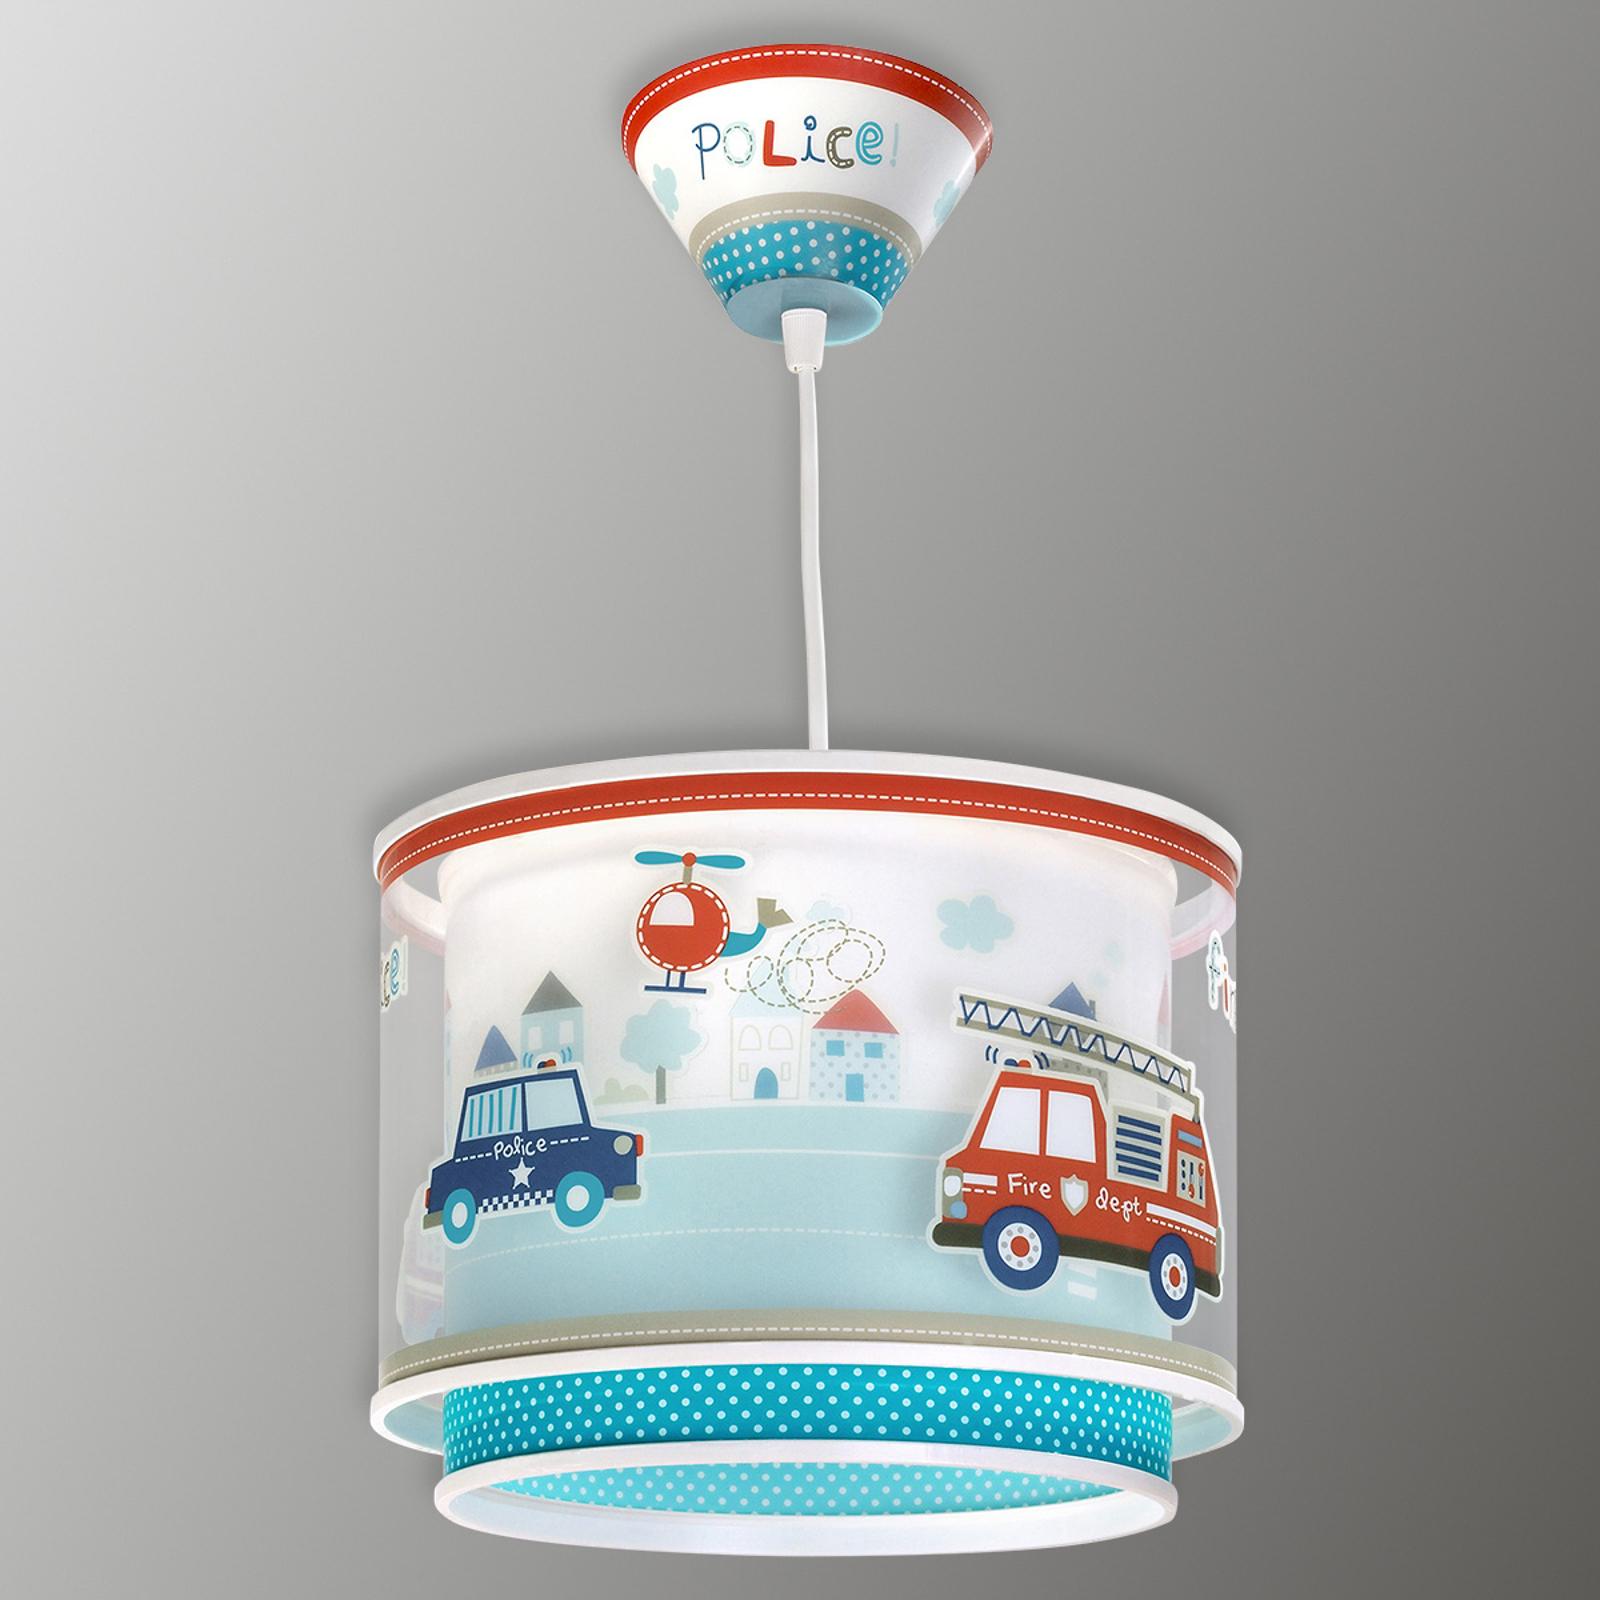 Police - lampada a sospensione per bambini